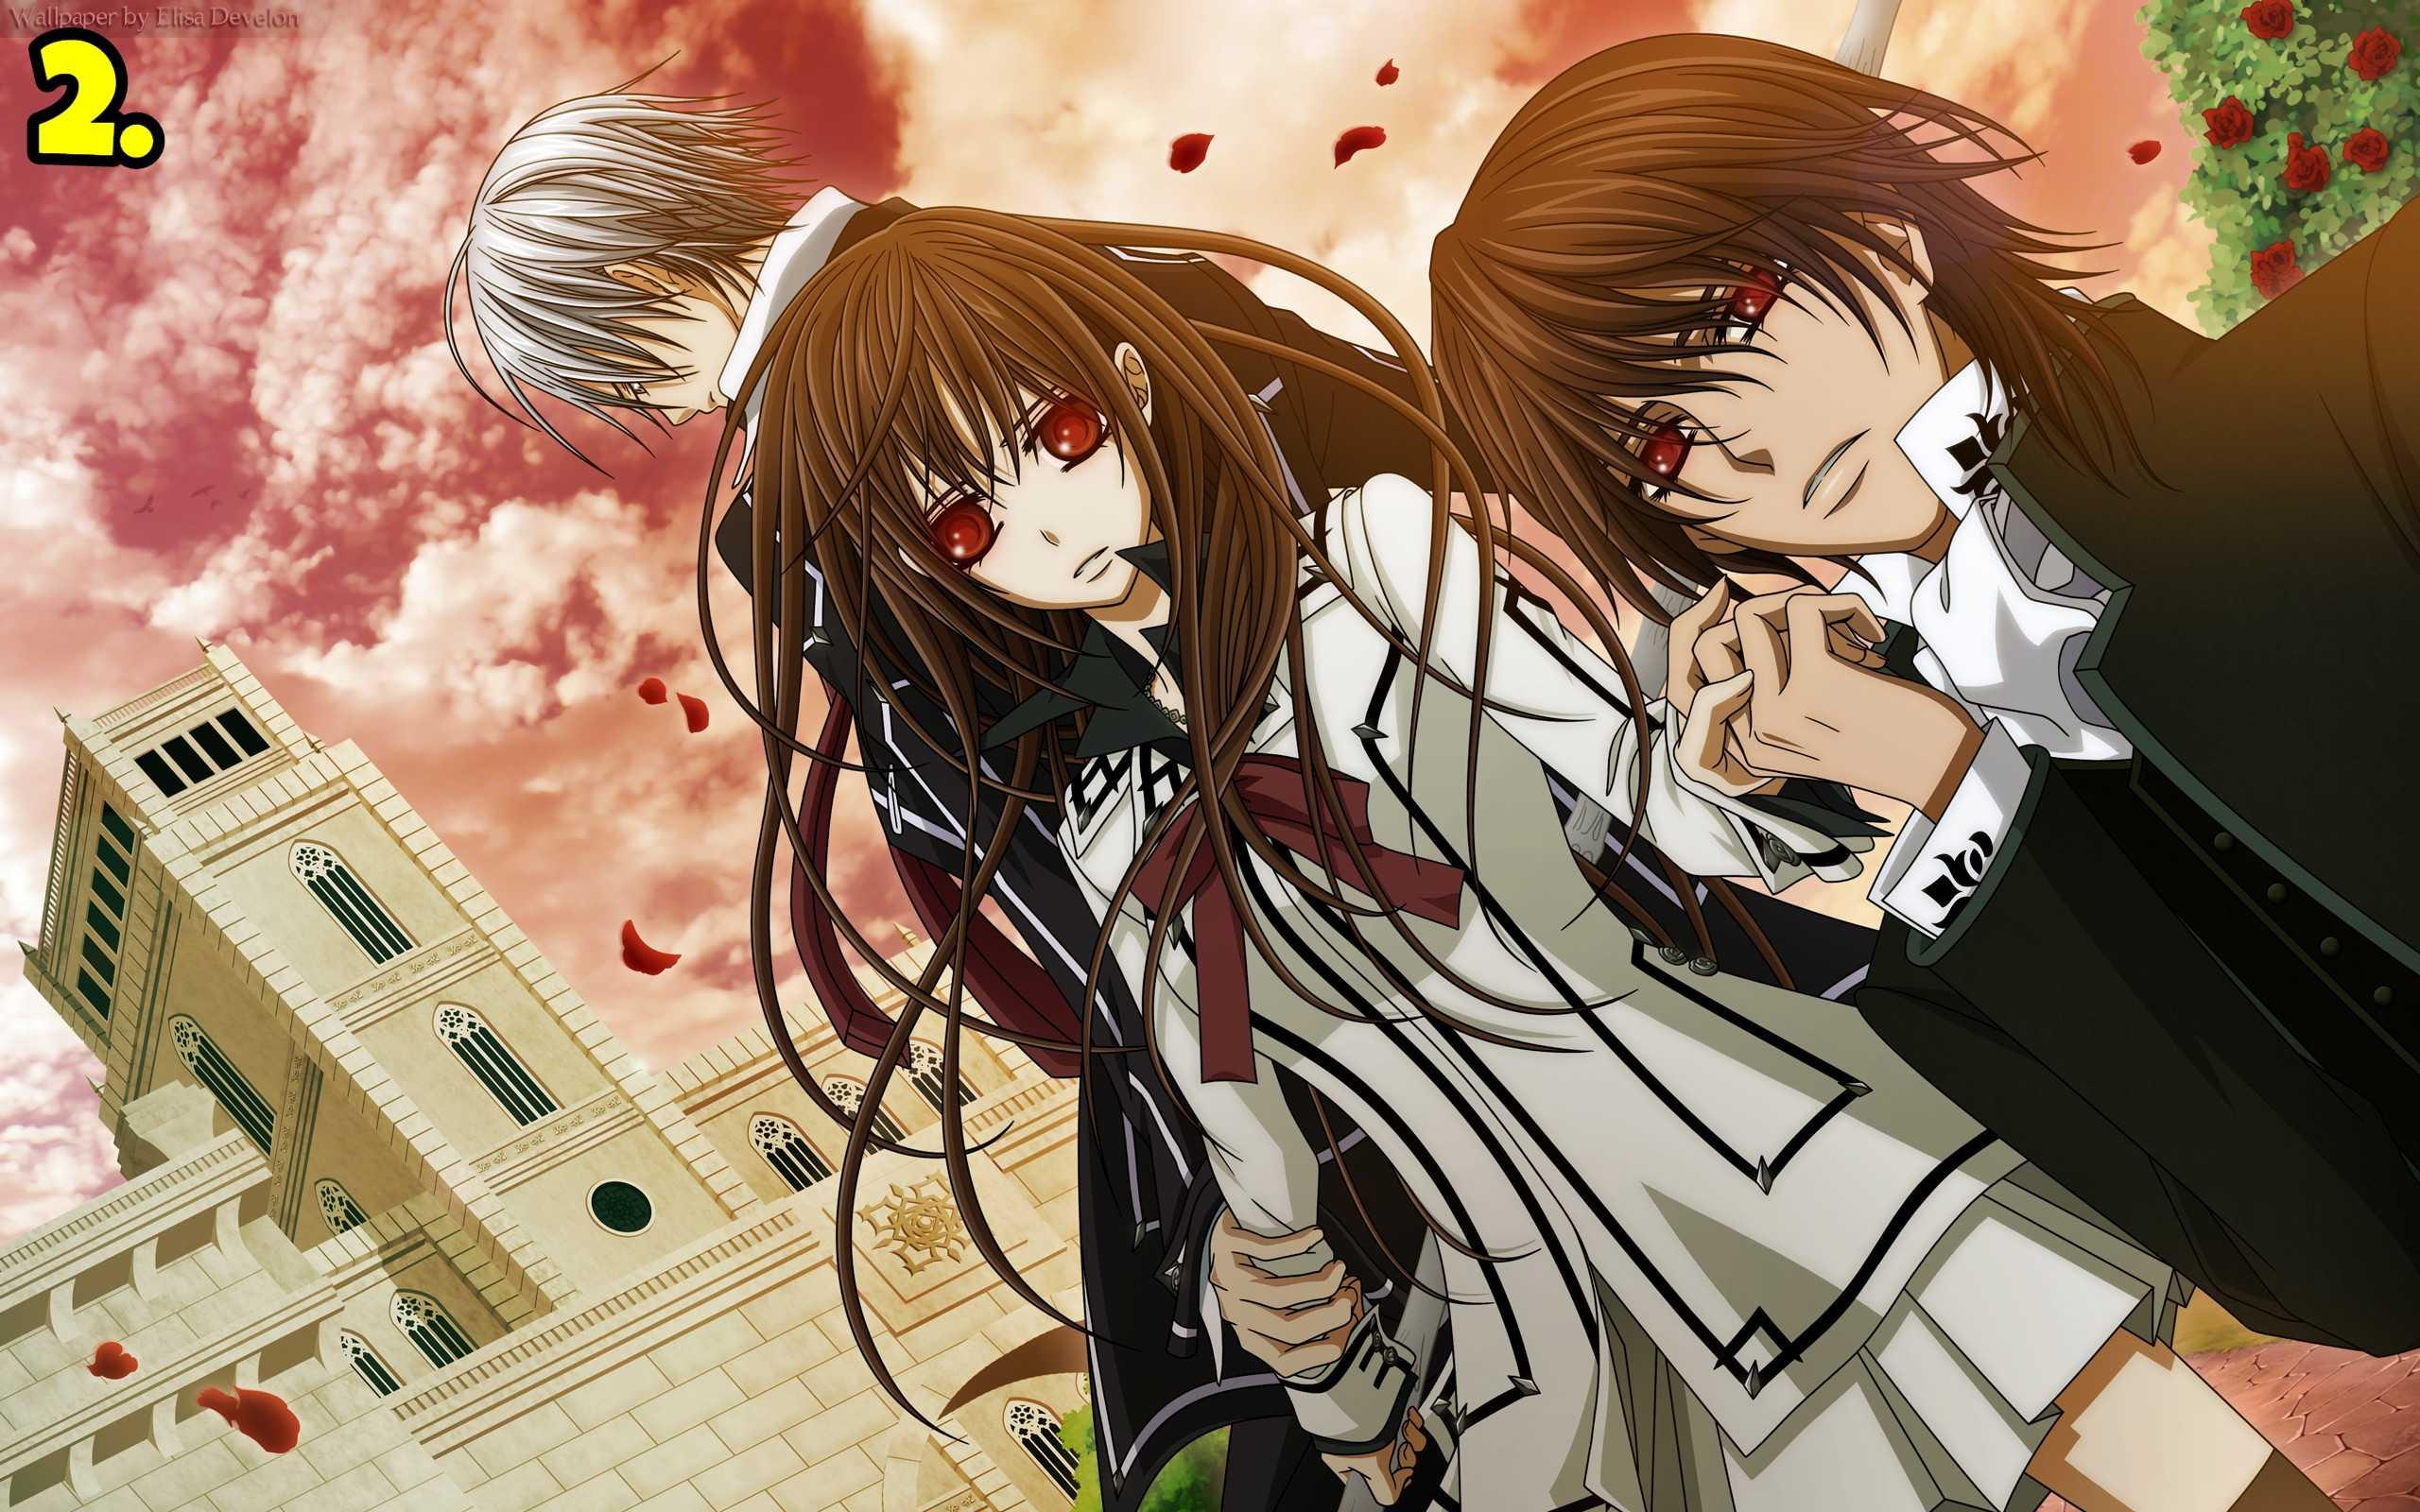 Vampires Anime